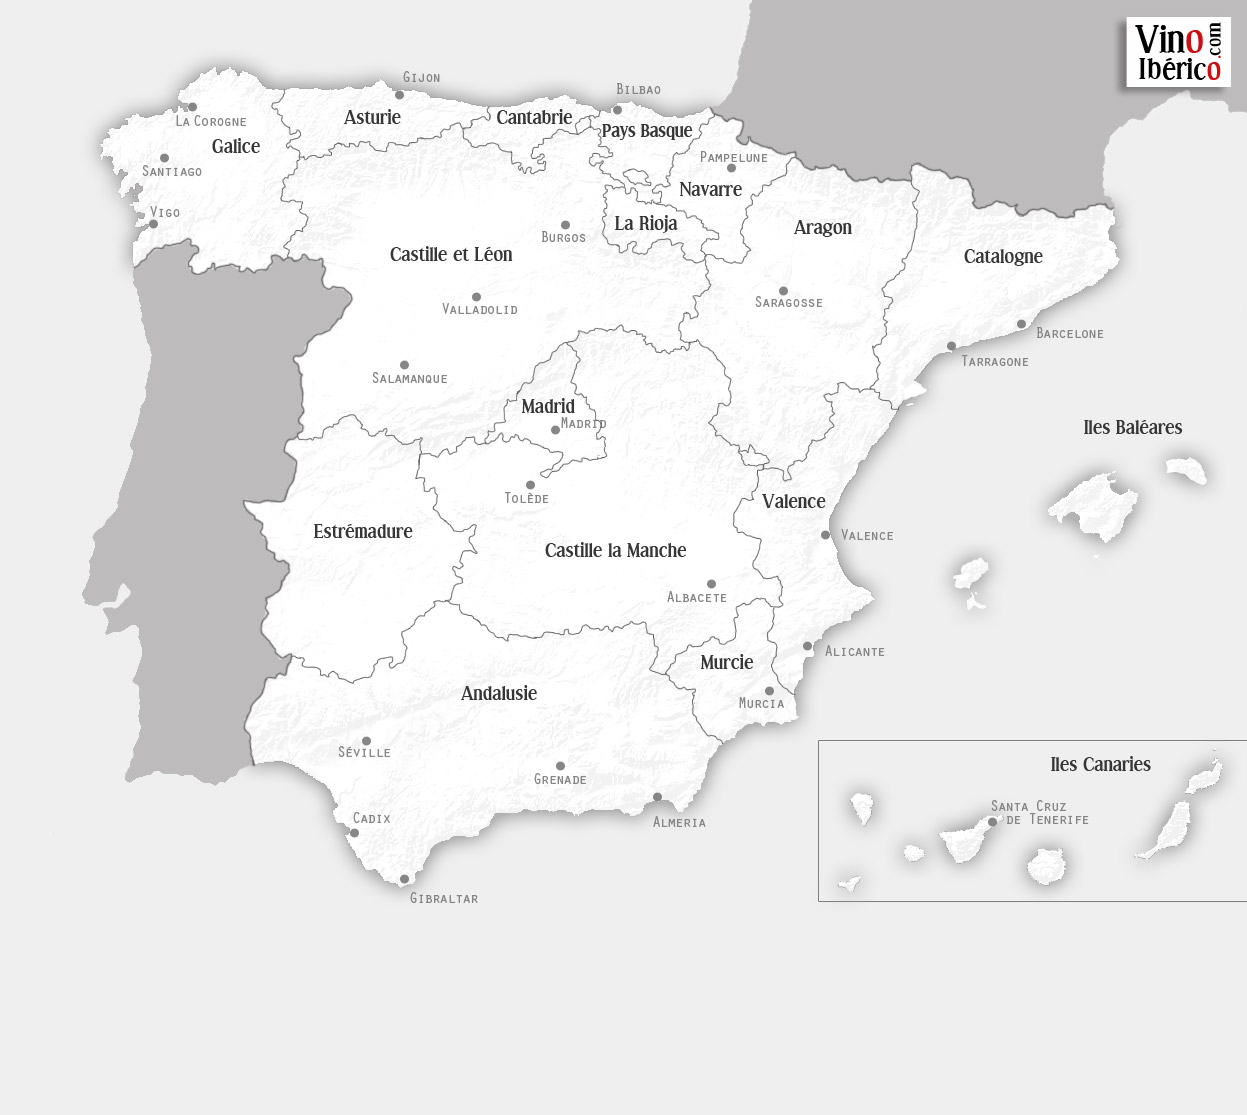 Carte Vin Espagne.Vino Iberico Vin Espagnol